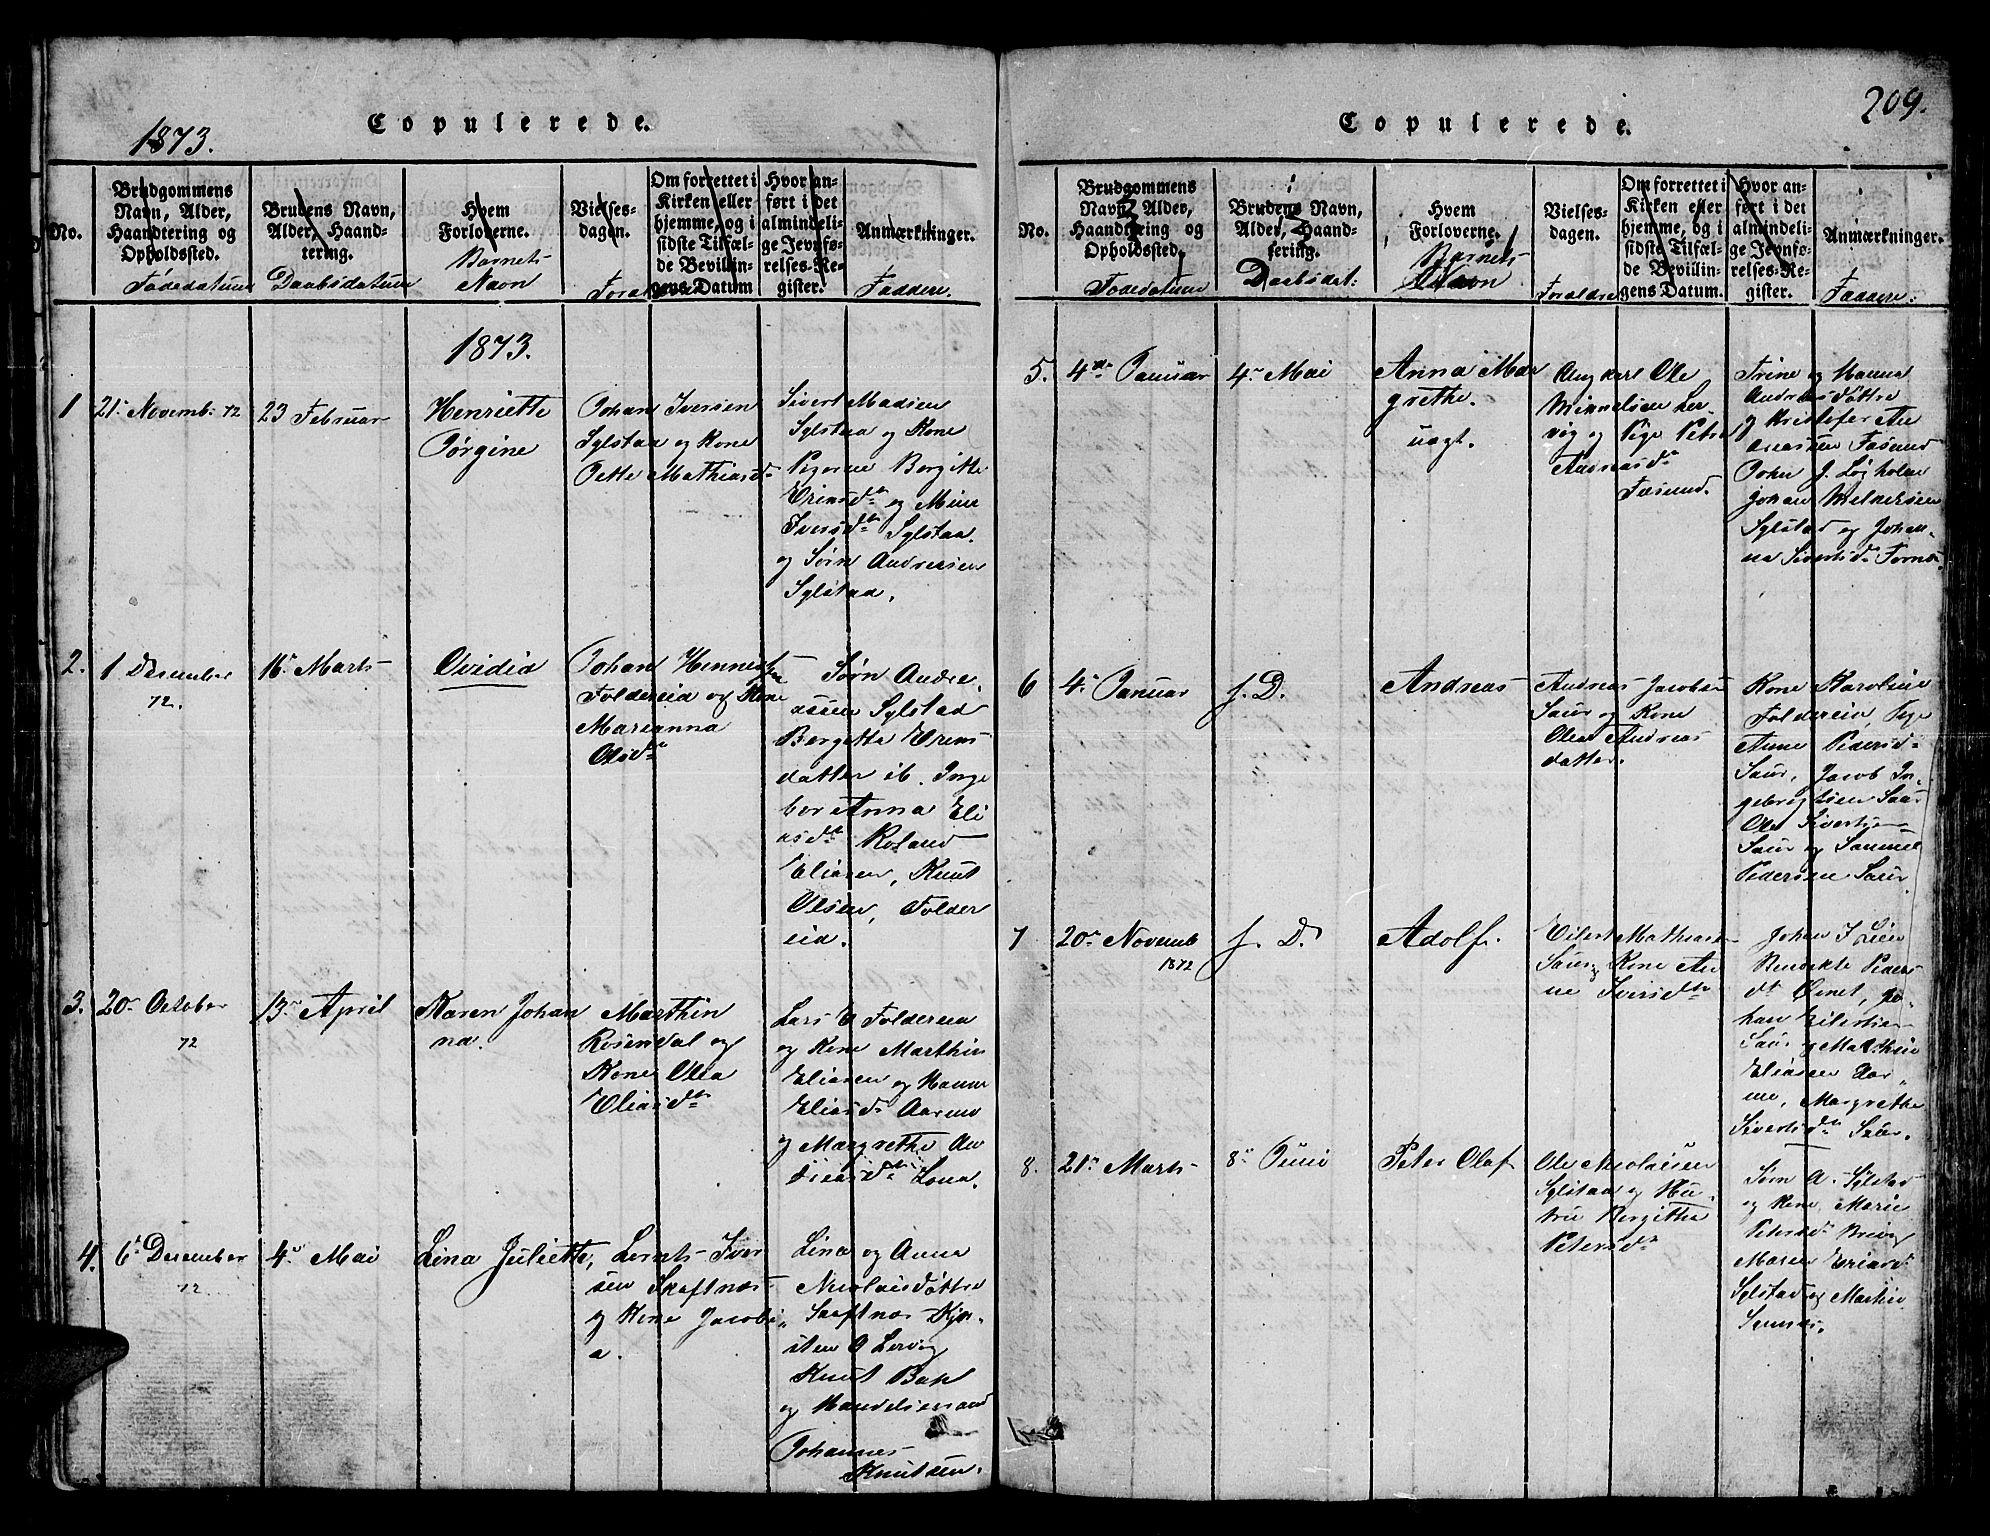 SAT, Ministerialprotokoller, klokkerbøker og fødselsregistre - Nord-Trøndelag, 780/L0648: Klokkerbok nr. 780C01 /3, 1815-1877, s. 209